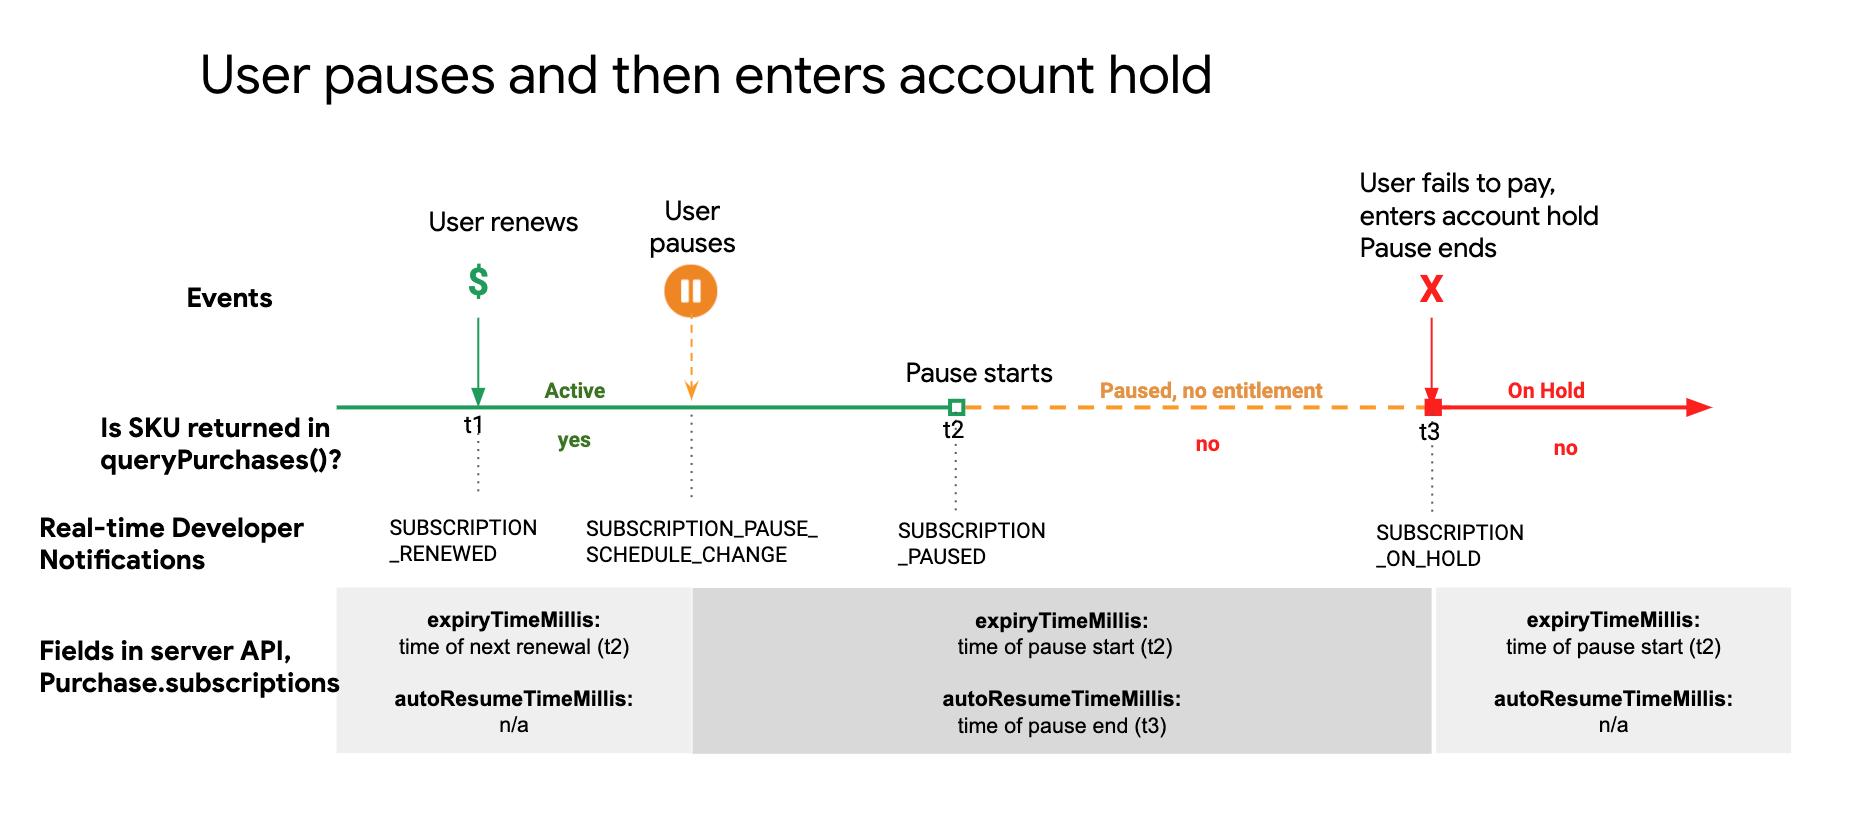 ユーザーが定期購入を一時停止した後でアカウントが一時停止状態になるケース